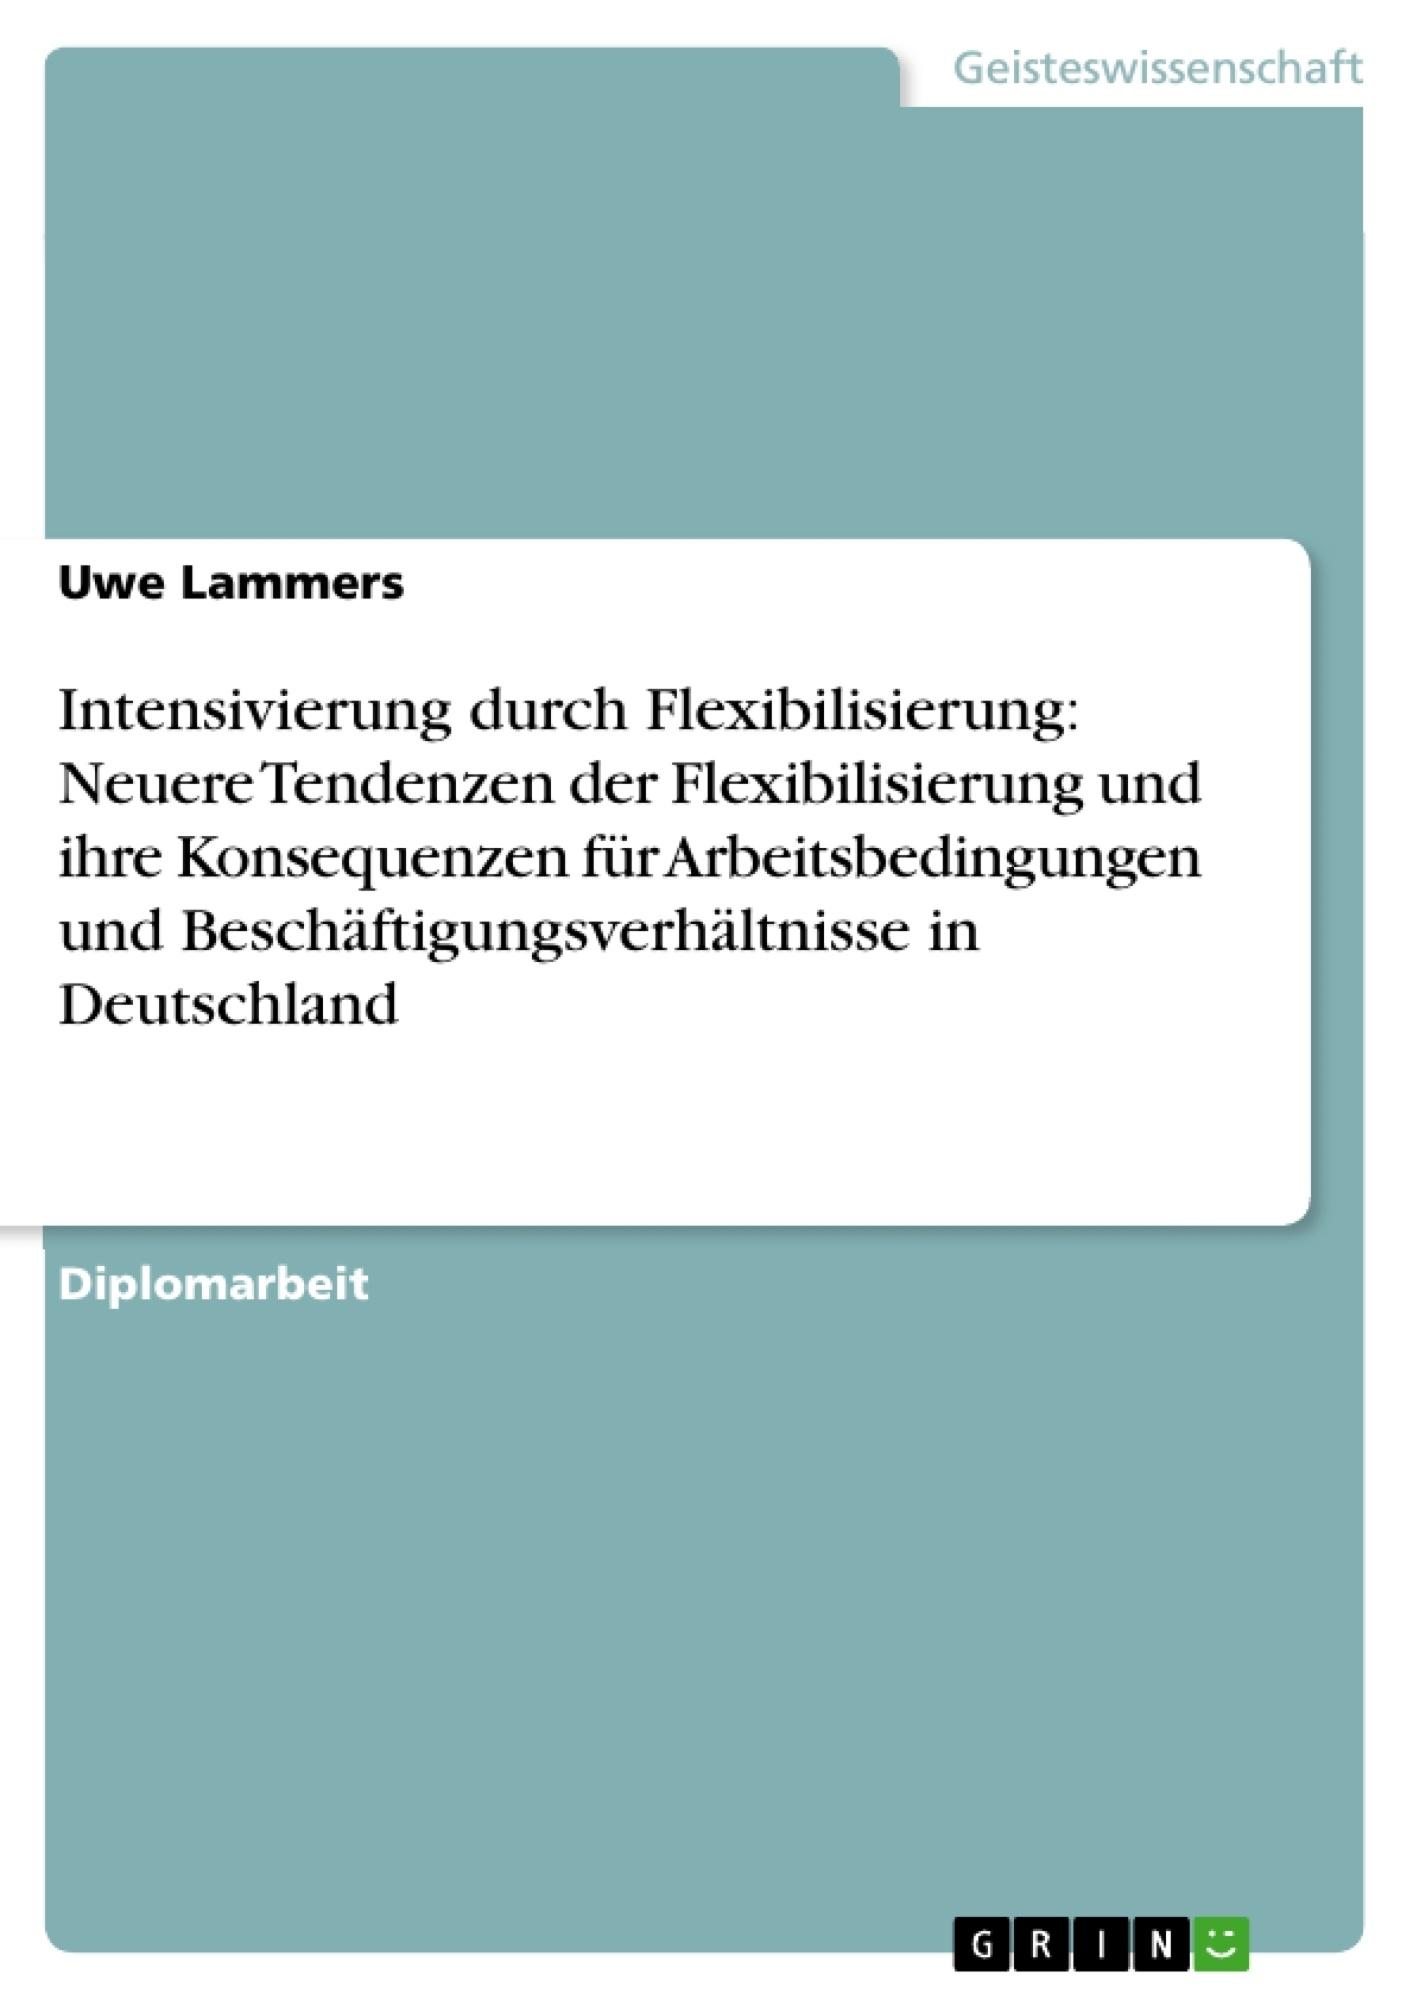 Titel: Intensivierung durch Flexibilisierung: Neuere Tendenzen der Flexibilisierung und ihre Konsequenzen für Arbeitsbedingungen und Beschäftigungsverhältnisse in Deutschland